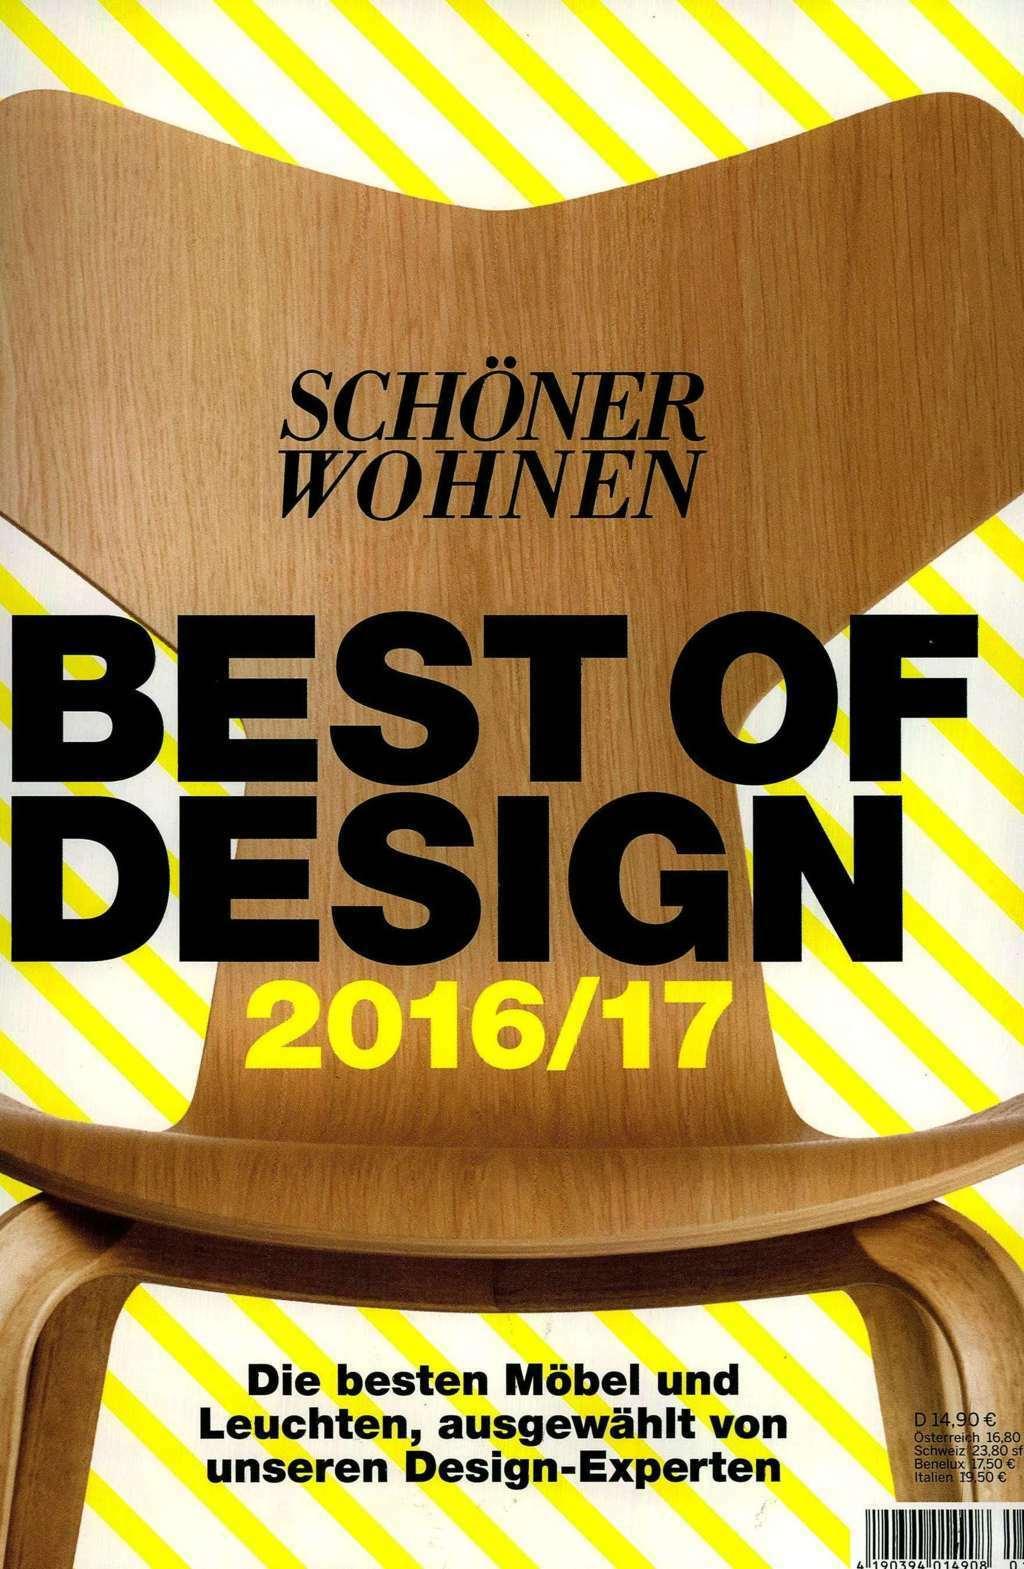 Schoner wohnen best of design gebr der thonet vienna for Schoner wohnen sofakissen